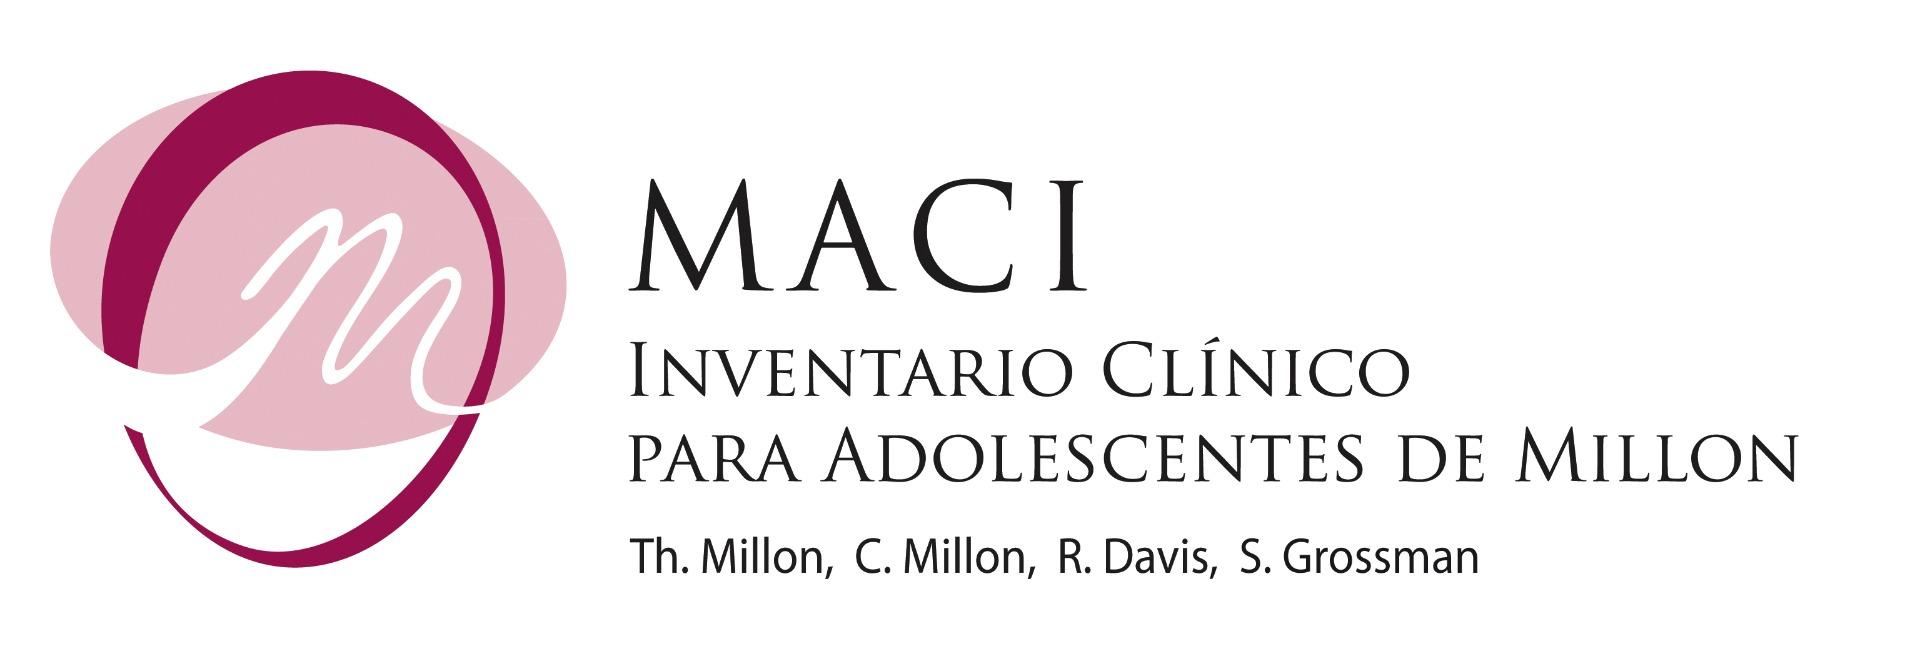 MACI_logo